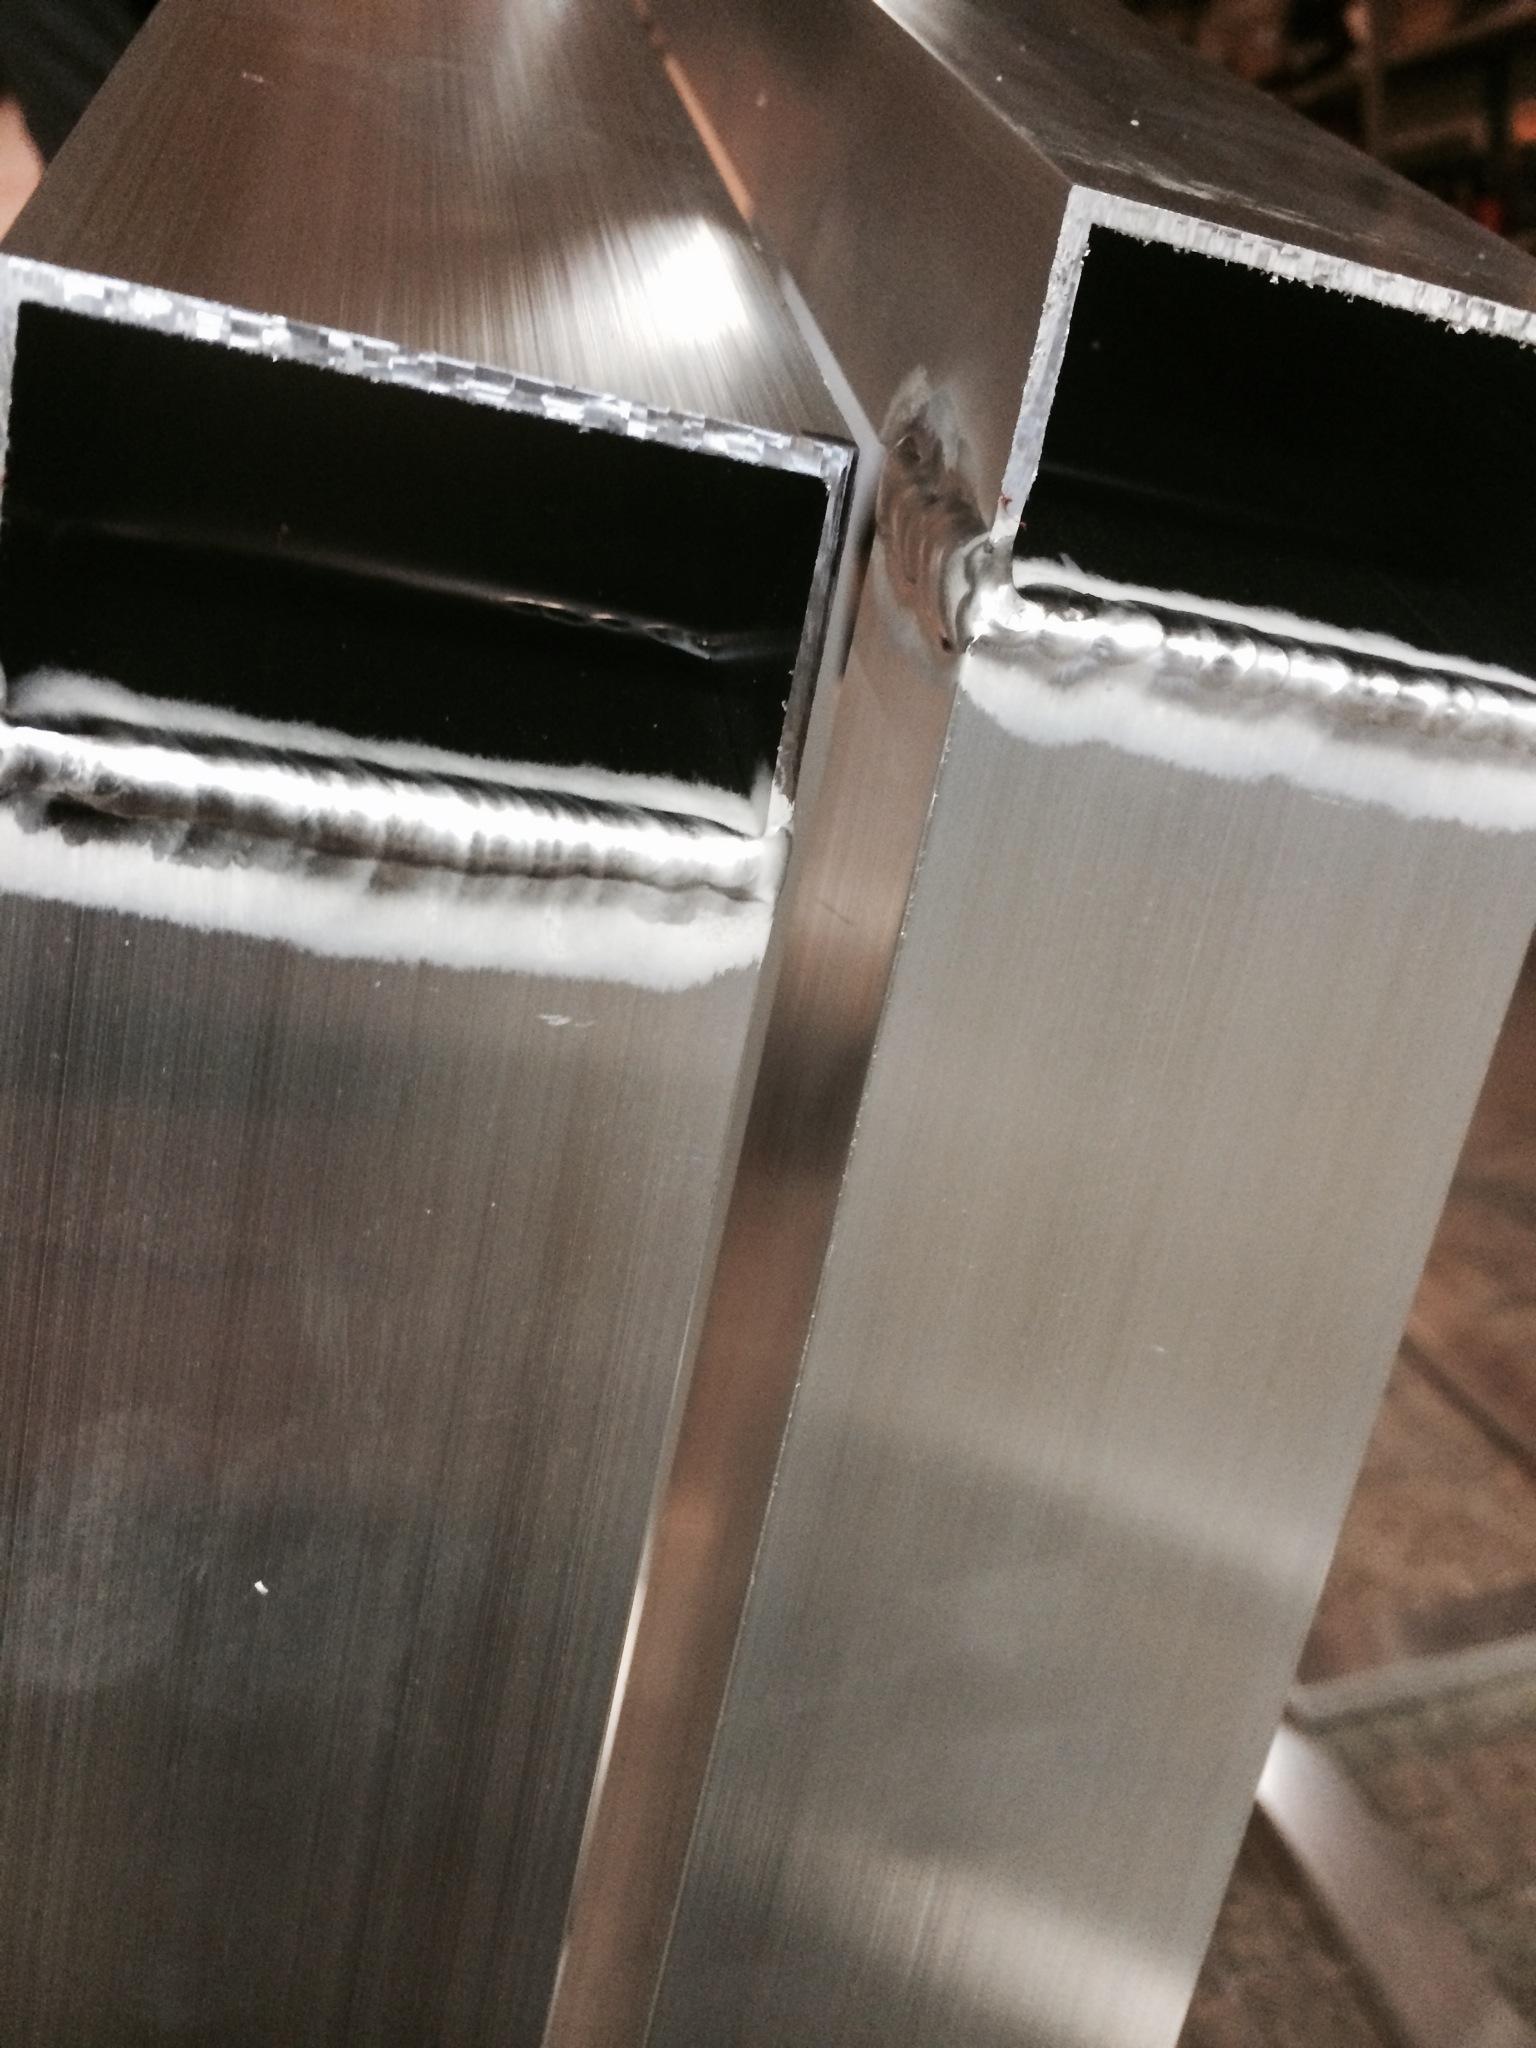 Svařování hliníku, zakružování, ohýbání hliníkových profilů ohýbačkou plechů